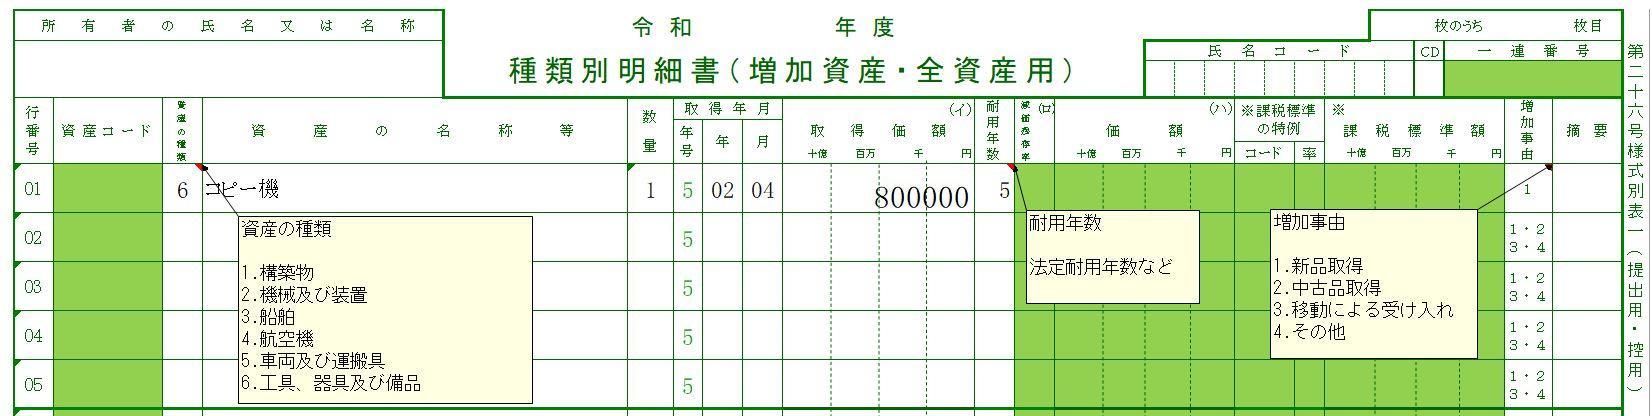 種類別明細書(増加資産・全資産用)の書き方の例